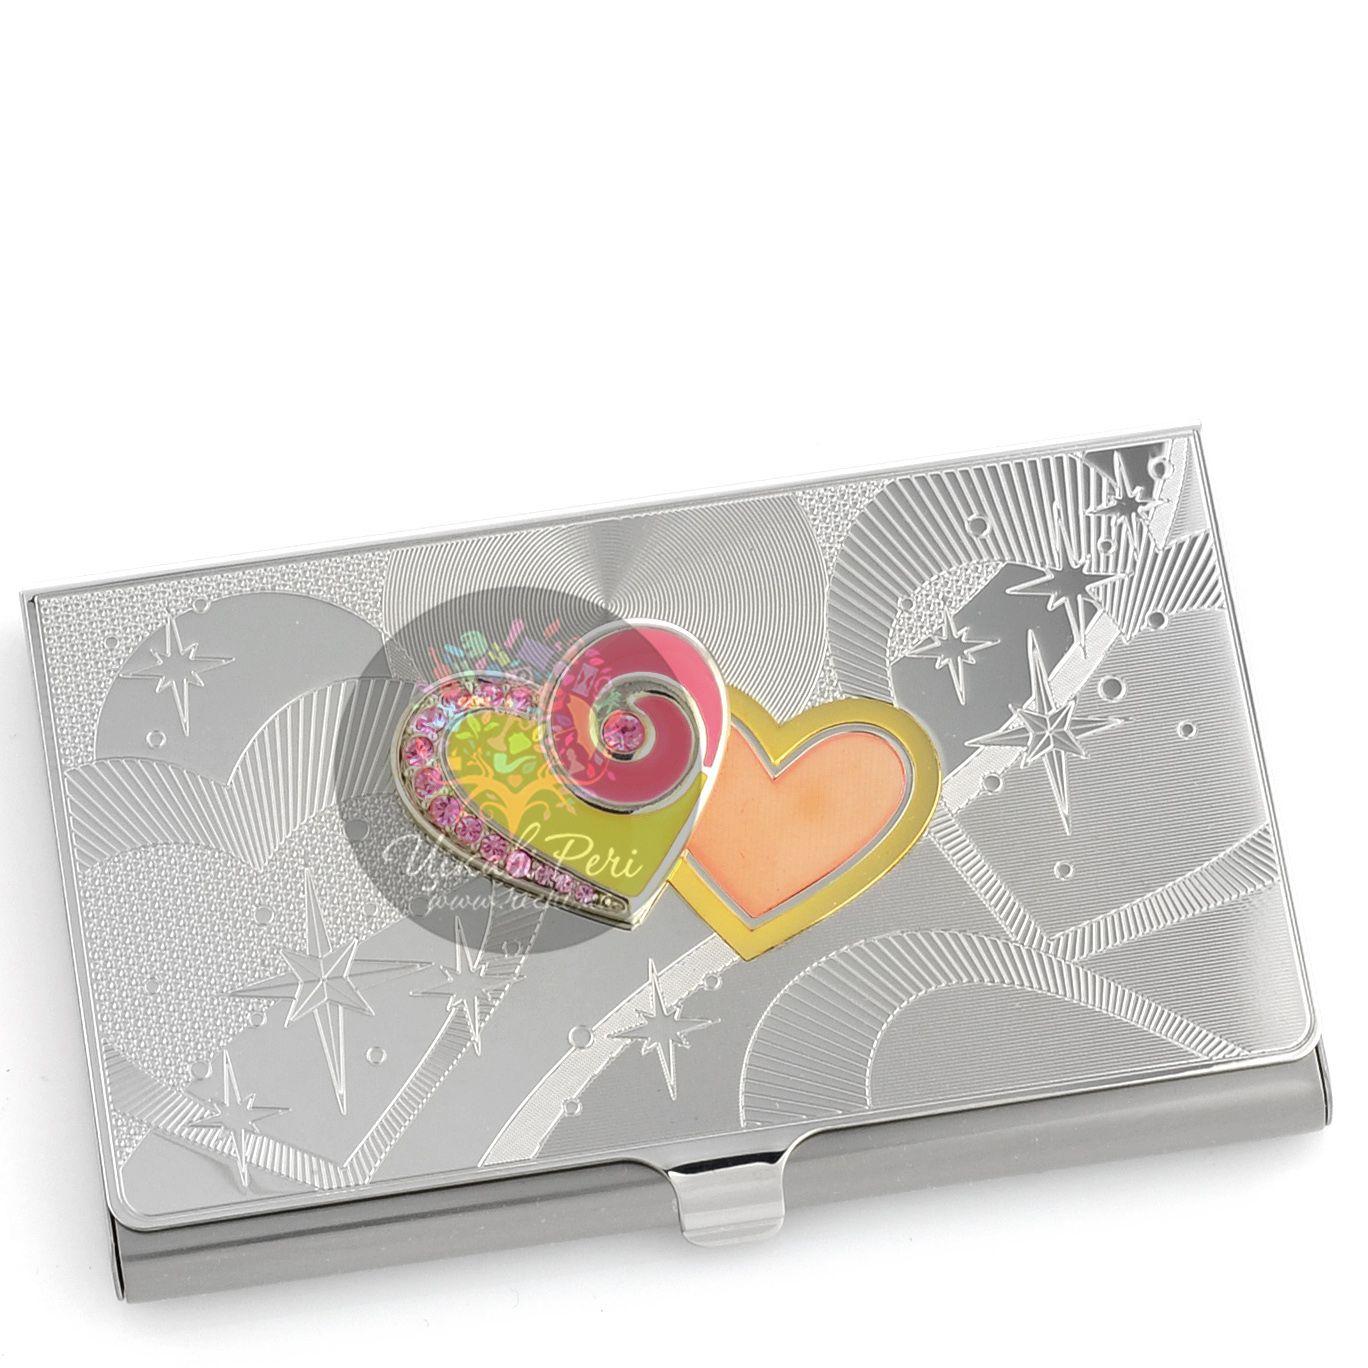 Визитница Jardin Dete Летний сад серебристая Два сердца для своих визиток